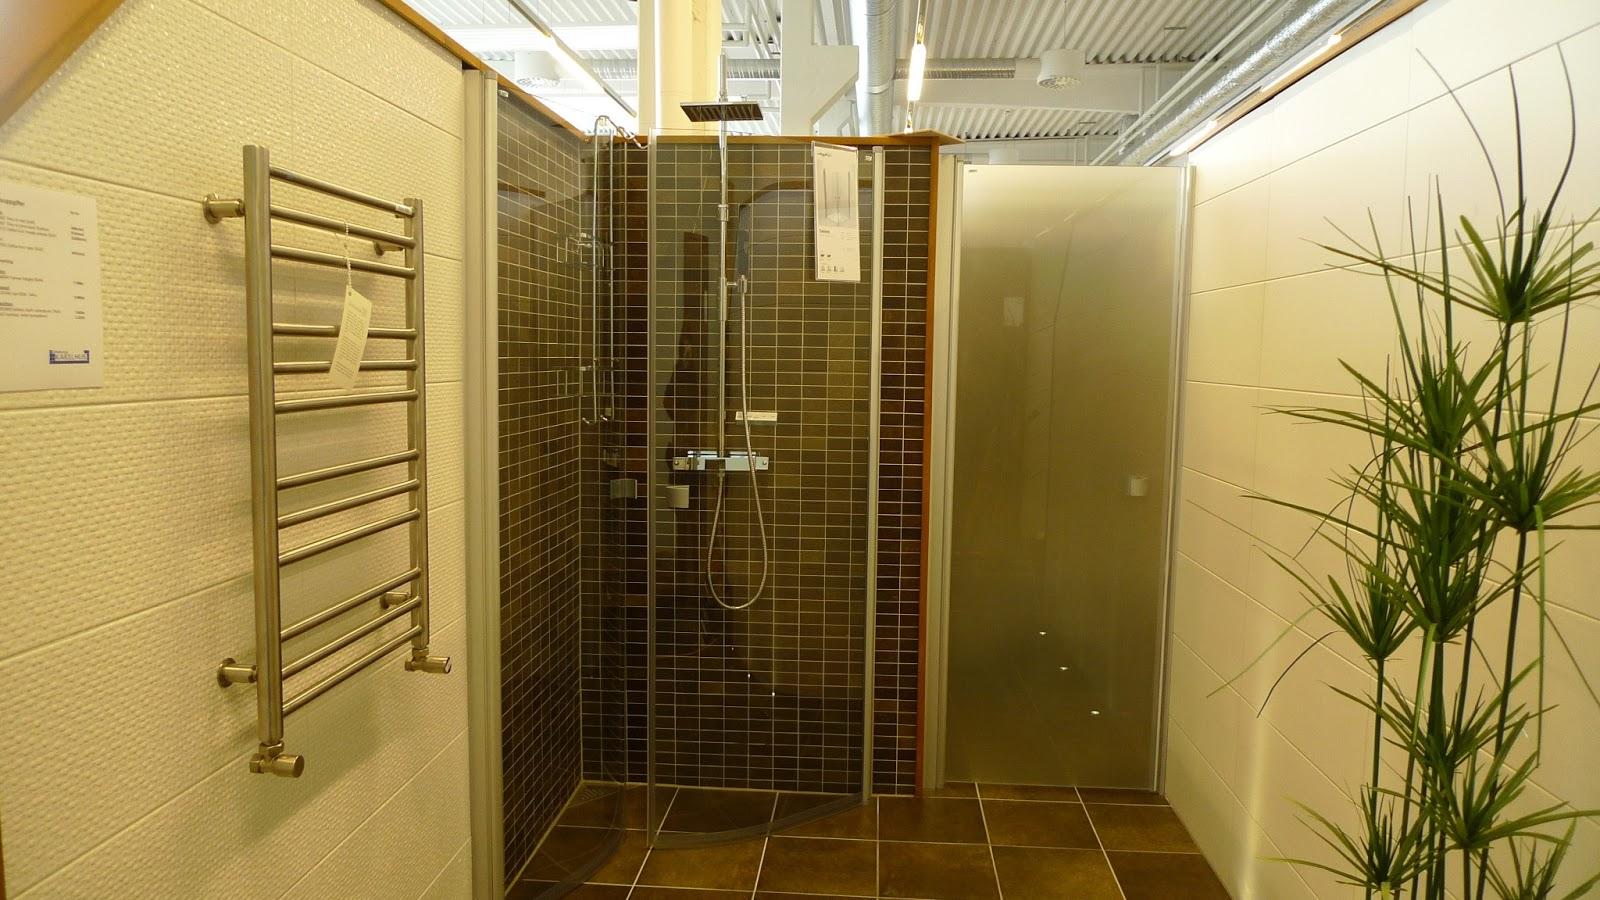 Badrum grått golv vita väggar ~ xellen.com